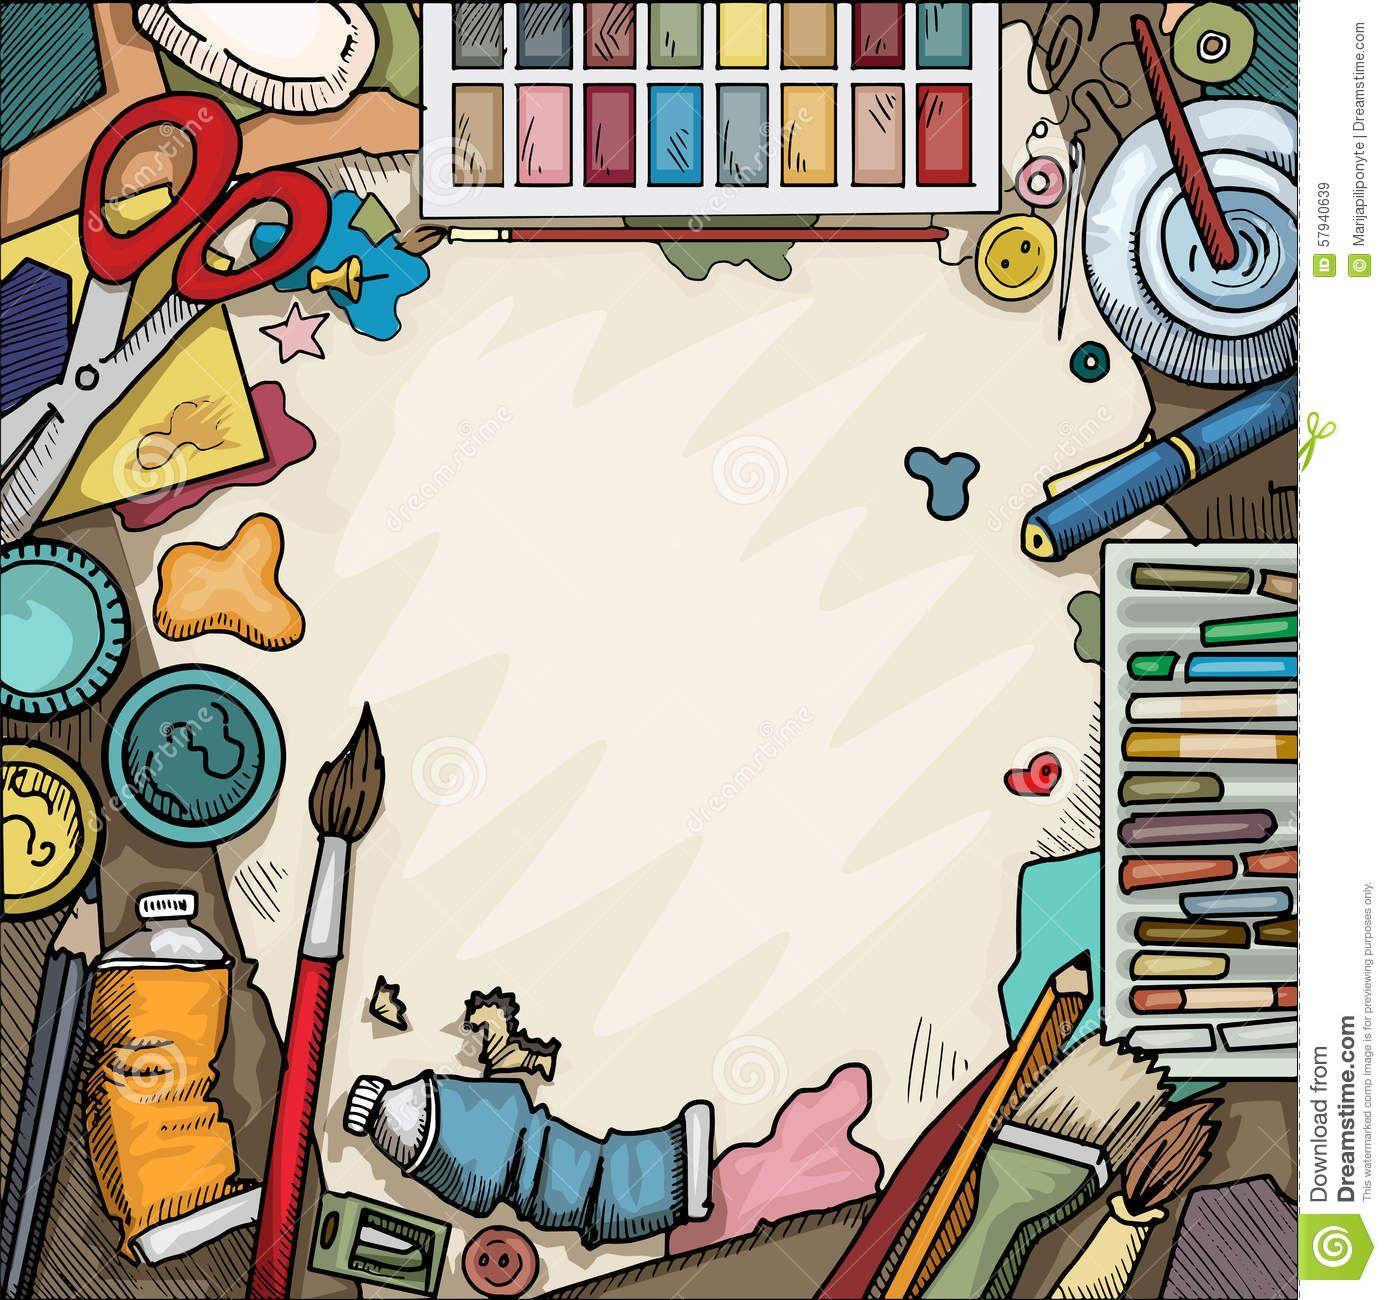 image result for craft background art crafts painting craft background art crafts painting